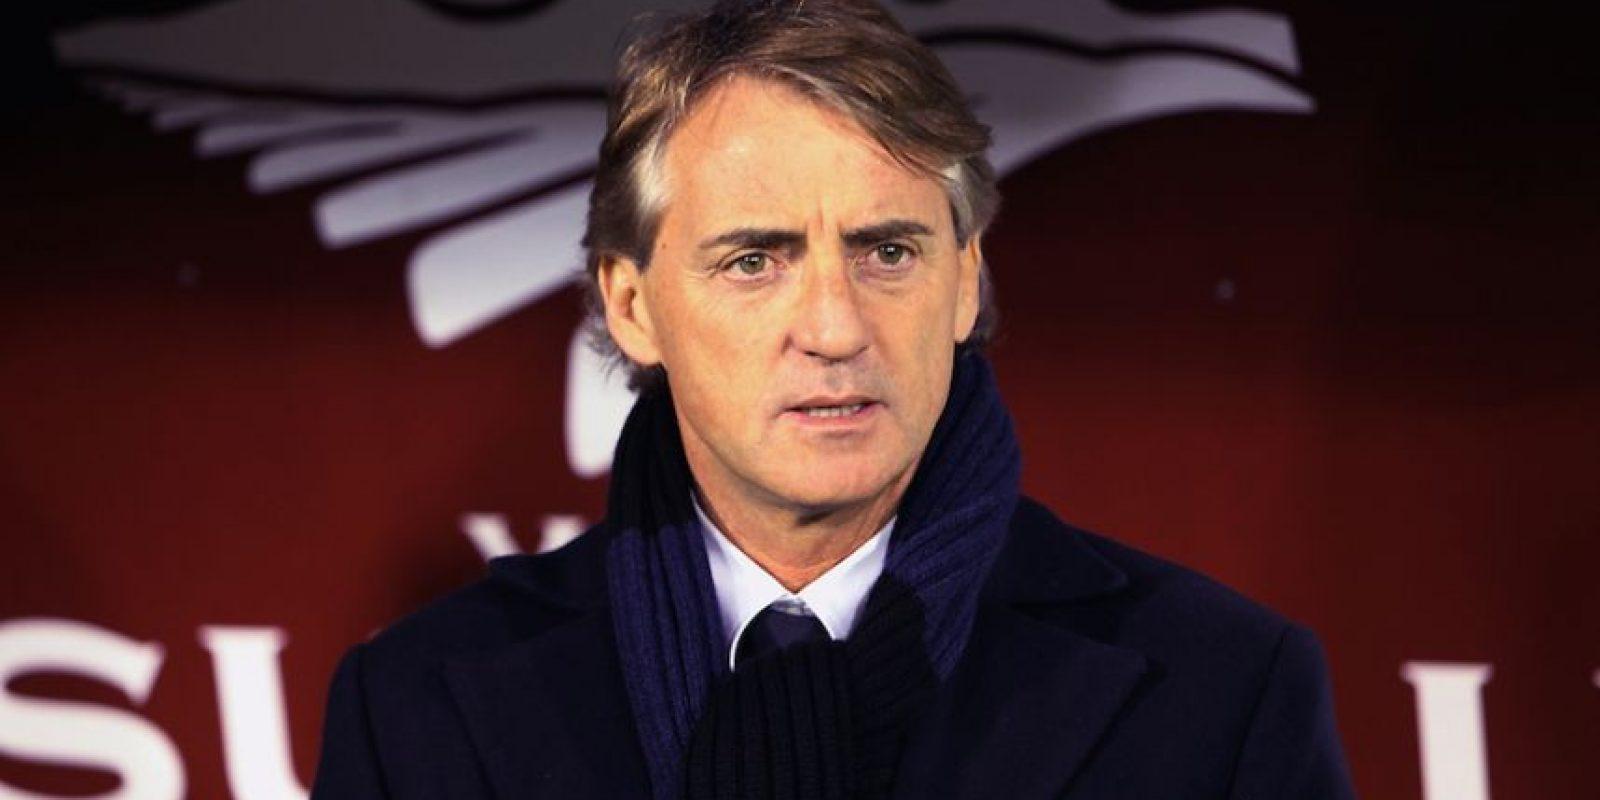 El entrenador del Inter de Milán italiano obtiene 4.5 millones de euros al año. Foto:Getty Images